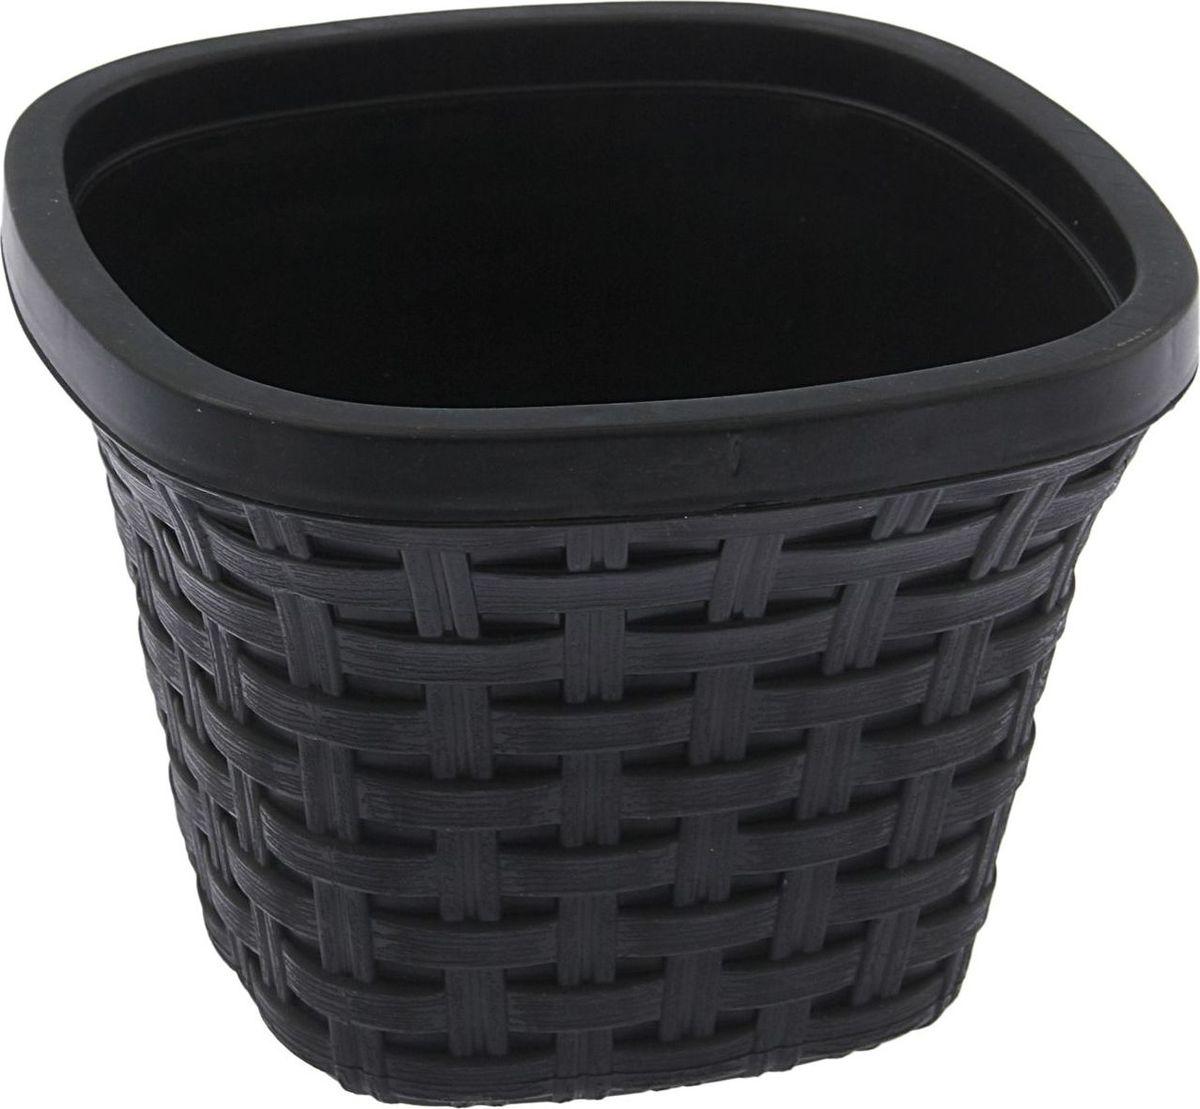 Кашпо квадратное Violet Ротанг, с дренажной системой, цвет: черный, 1,3 л33130/7Любой, даже самый современный и продуманный интерьер будет незавершённым без растений. Они не только очищают воздух и насыщают его кислородом, но и украшают окружающее пространство. Такому полезному члену семьи просто необходим красивый и функциональный дом! Мы предлагаем #name#! Оптимальный выбор материала — пластмасса! Почему мы так считаем?Малый вес. С лёгкостью переносите горшки и кашпо с места на место, ставьте их на столики или полки, не беспокоясь о нагрузке. Простота ухода. Кашпо не нуждается в специальных условиях хранения. Его легко чистить — достаточно просто сполоснуть тёплой водой. Никаких потёртостей. Такие кашпо не царапают и не загрязняют поверхности, на которых стоят. Пластик дольше хранит влагу, а значит, растение реже нуждается в поливе. Пластмасса не пропускает воздух — корневой системе растения не грозят резкие перепады температур. Огромный выбор форм, декора и расцветок — вы без труда найдёте что-то, что идеально впишется в уже существующий интерьер. Соблюдая нехитрые правила ухода, вы можете заметно продлить срок службы горшков и кашпо из пластика:всегда учитывайте размер кроны и корневой системы (при разрастании большое растение способно повредить маленький горшок)берегите изделие от воздействия прямых солнечных лучей, чтобы горшки не выцветалидержите кашпо из пластика подальше от нагревающихся поверхностей. Создавайте прекрасные цветочные композиции, выращивайте рассаду или необычные растения.